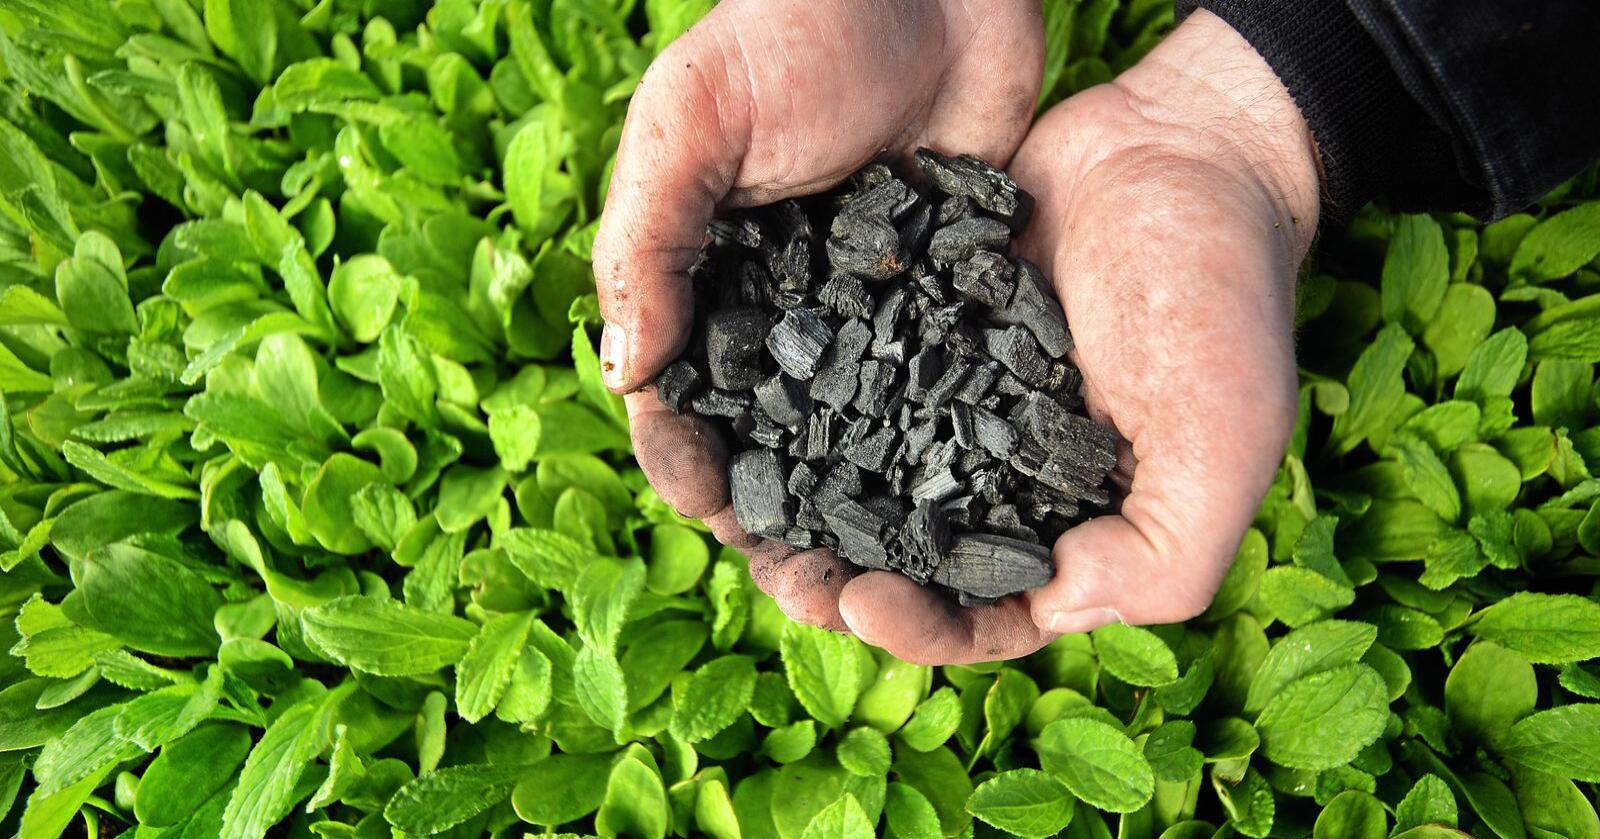 Anlegget skal lage biokull av rester fra landbruket og skogbruket. Biokullet kan igjen brukes i jorden til for eksempel grønnsaker. Illustrasjonsfoto: Siri Juell Rasmussen